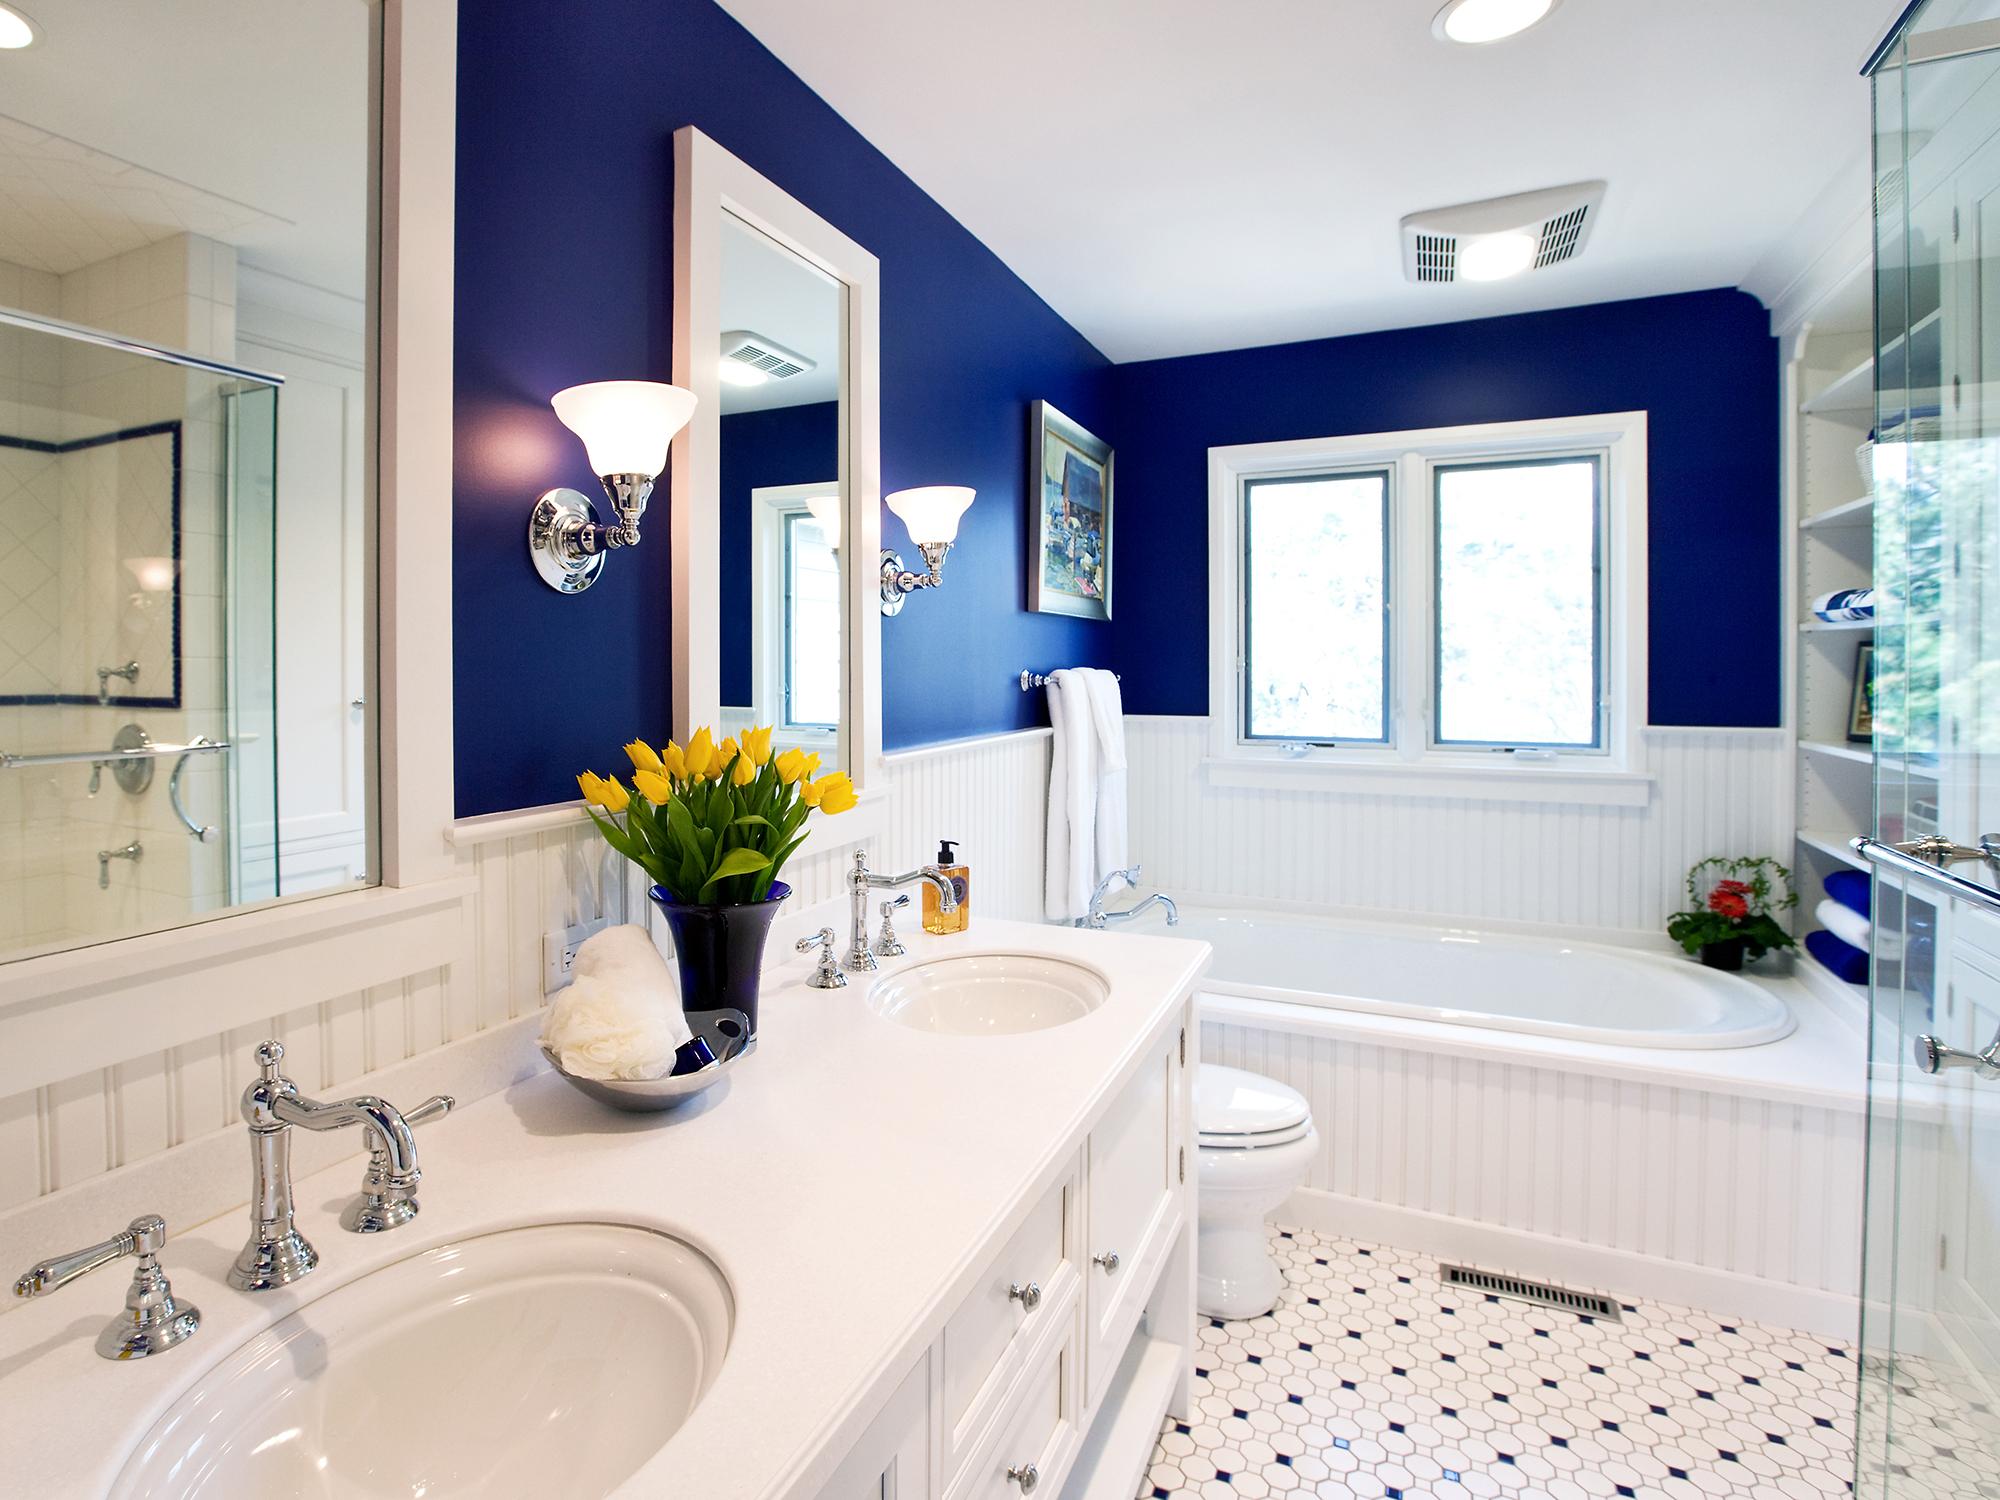 Синие обои в интерьере ванной